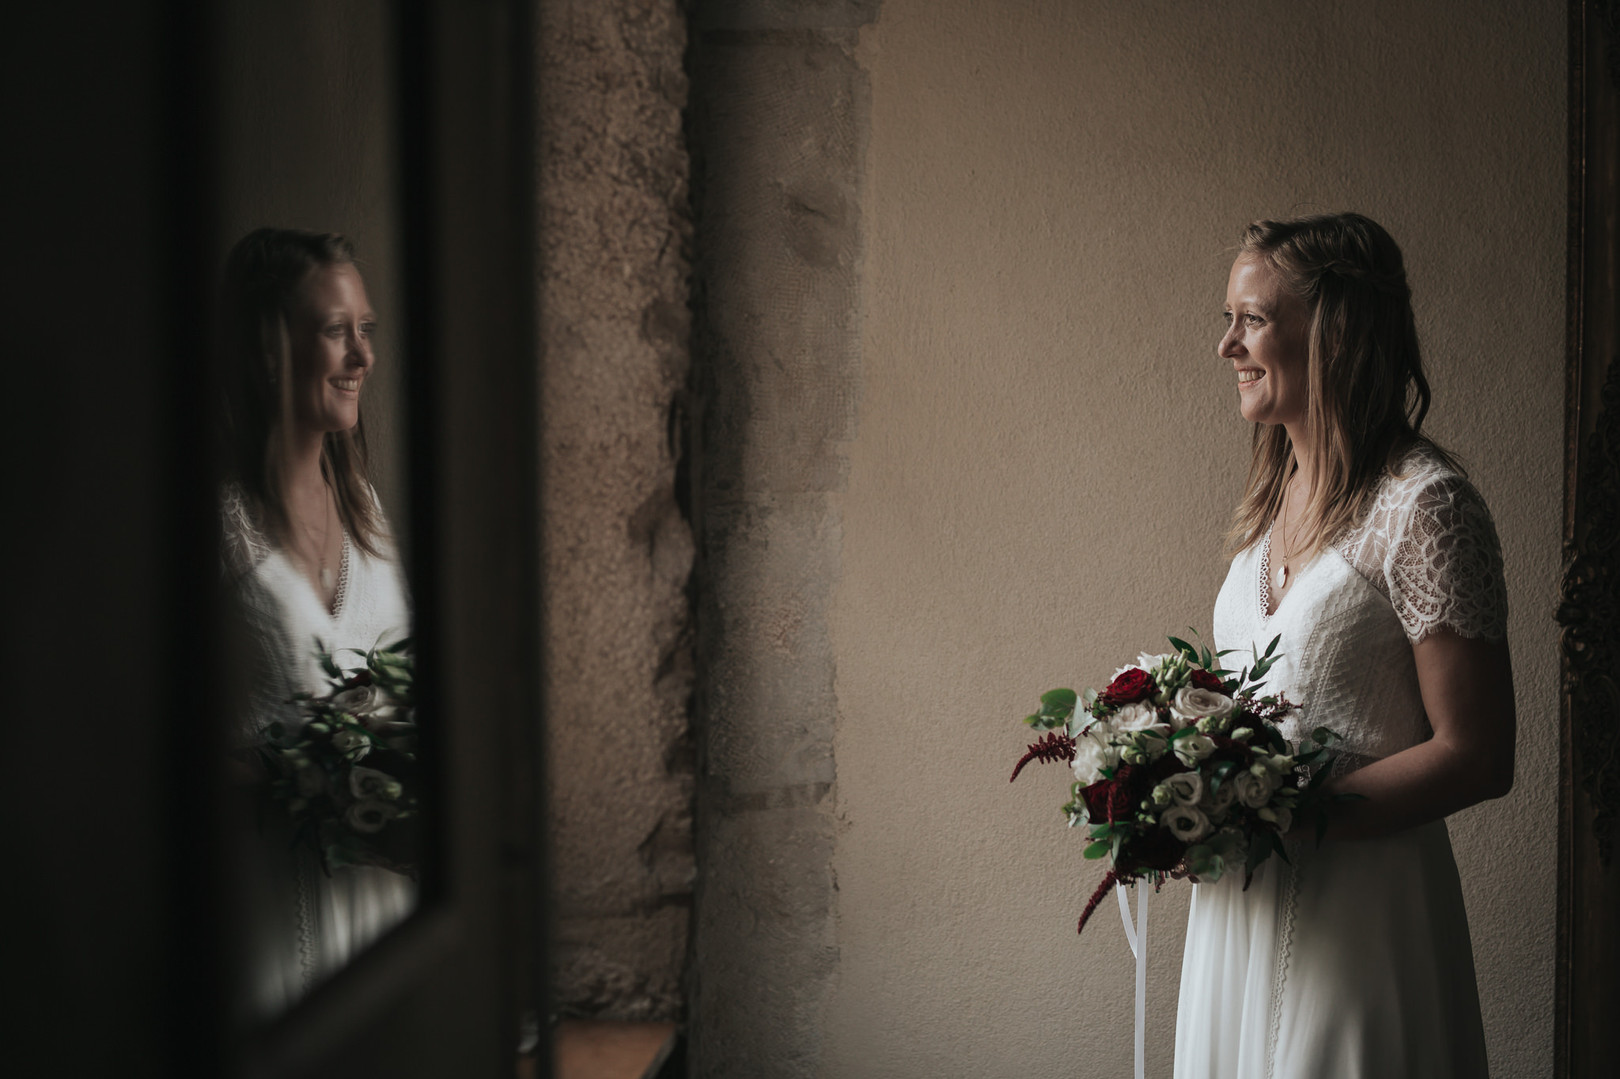 Photographe_Couple_Mariage_Bourgogne-40.